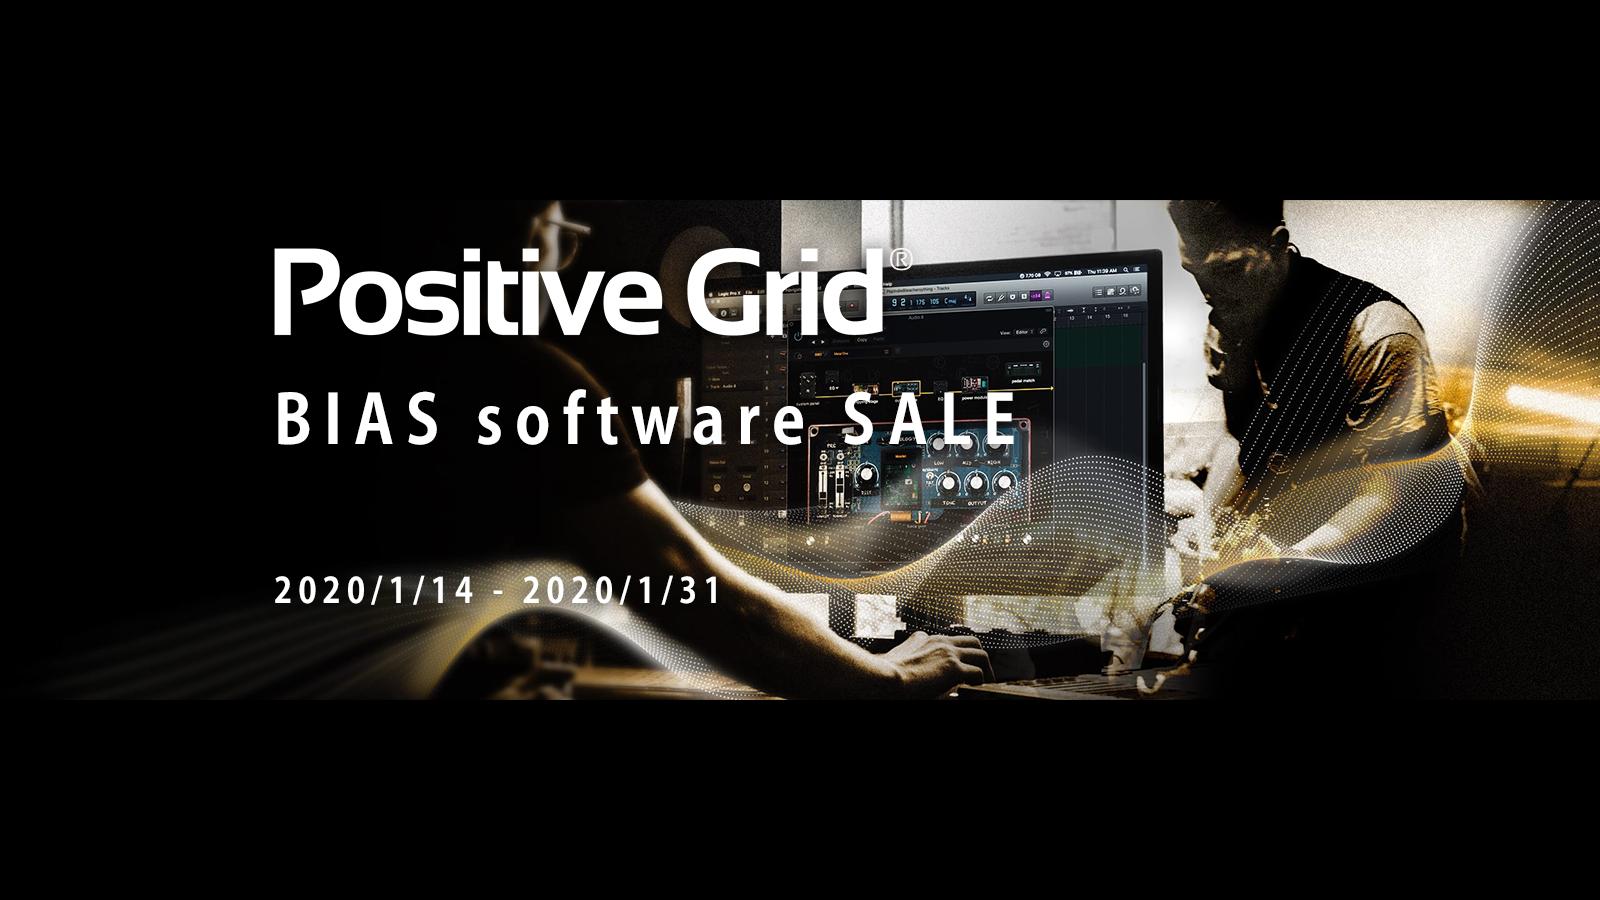 Positive Grid BIAS software SALE